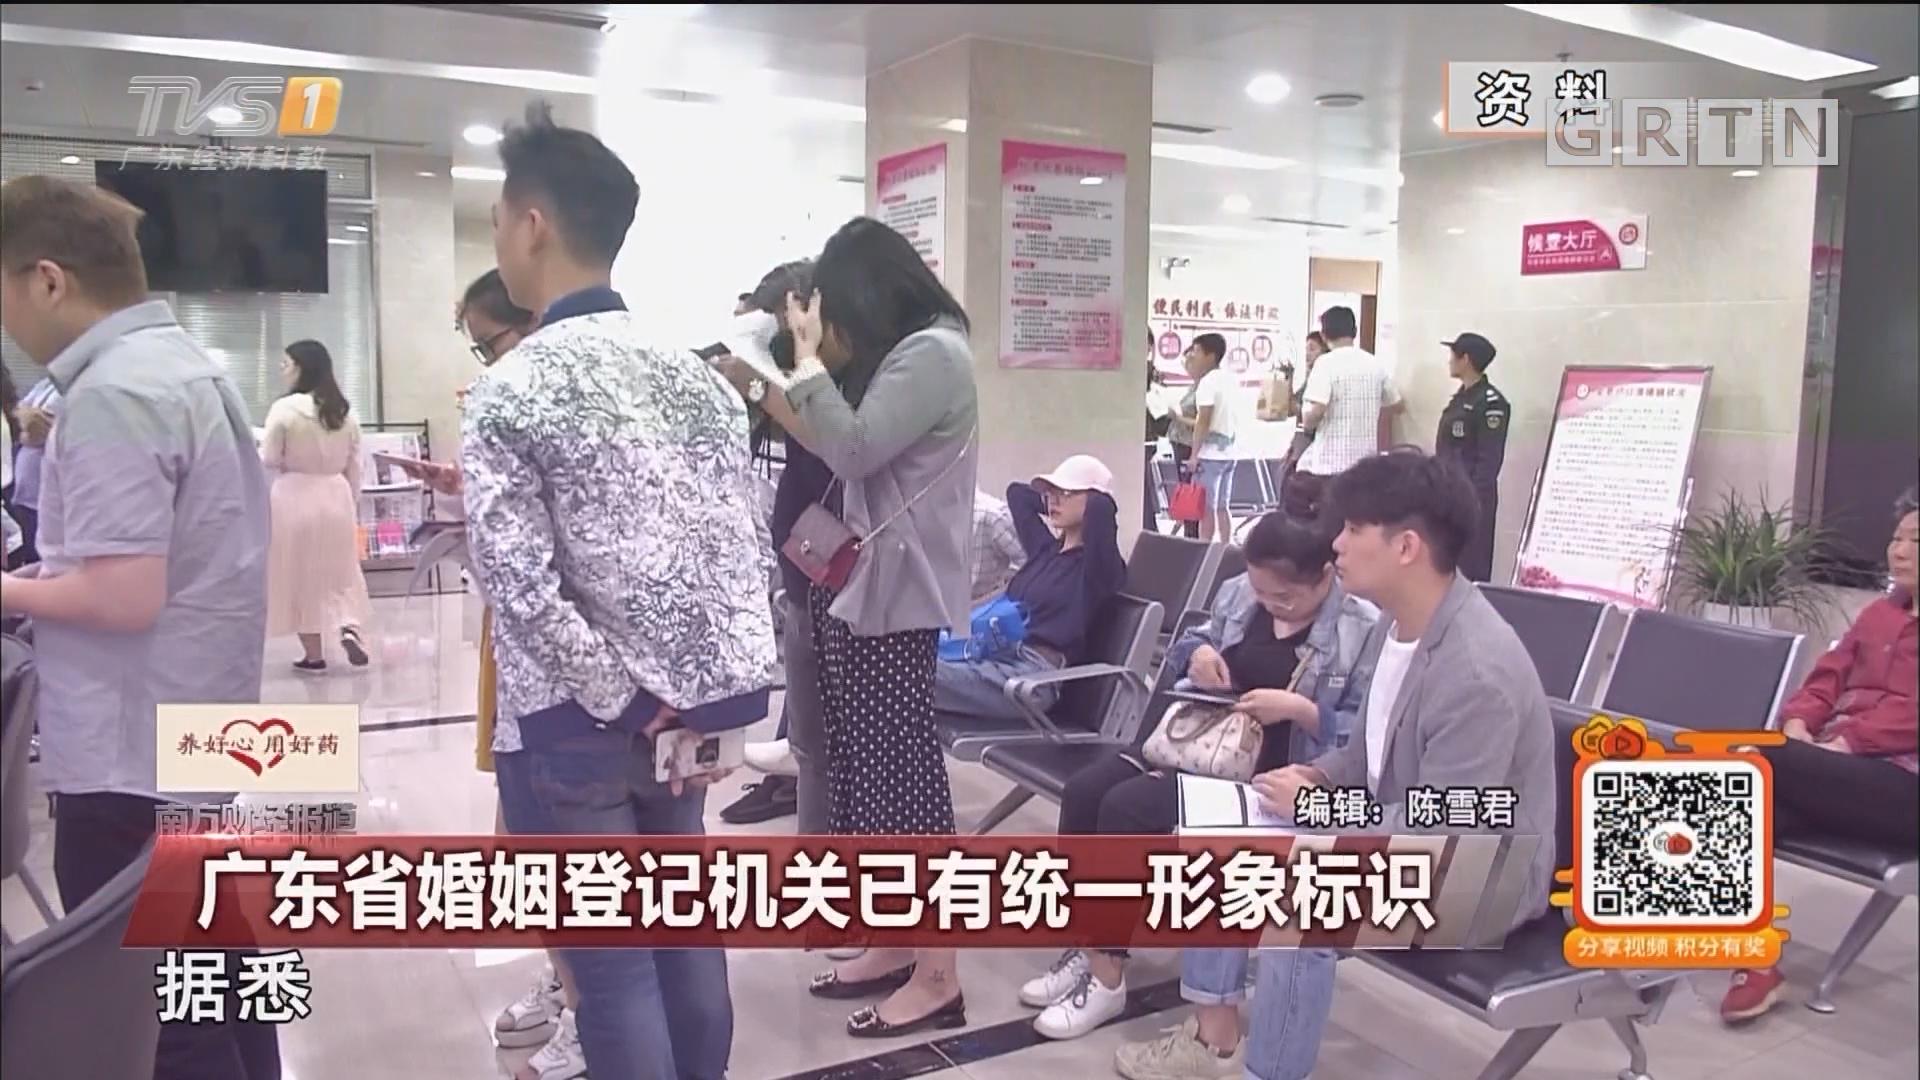 广东省婚姻登记机关已有统一形象标识